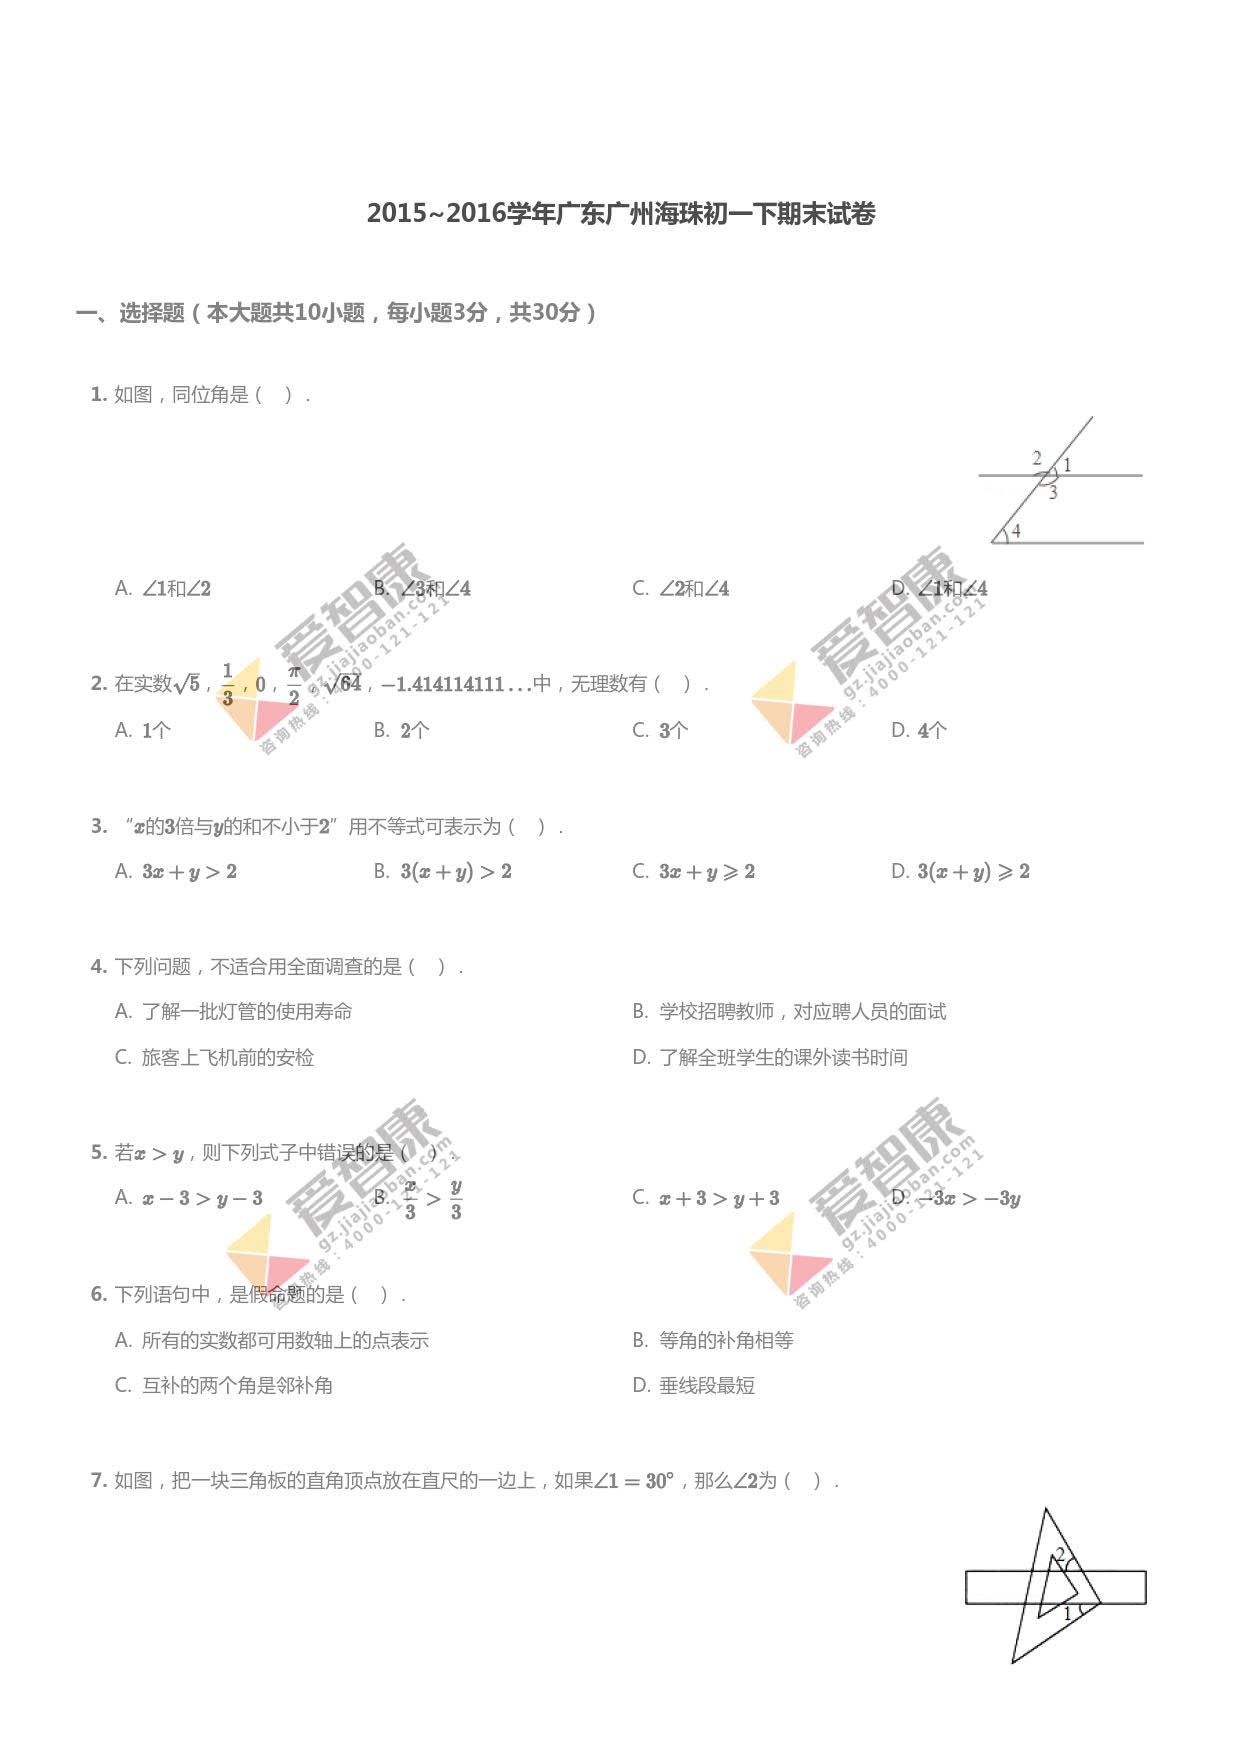 2015-2016学年广州市海珠区初二下学期期末数学试卷及答案